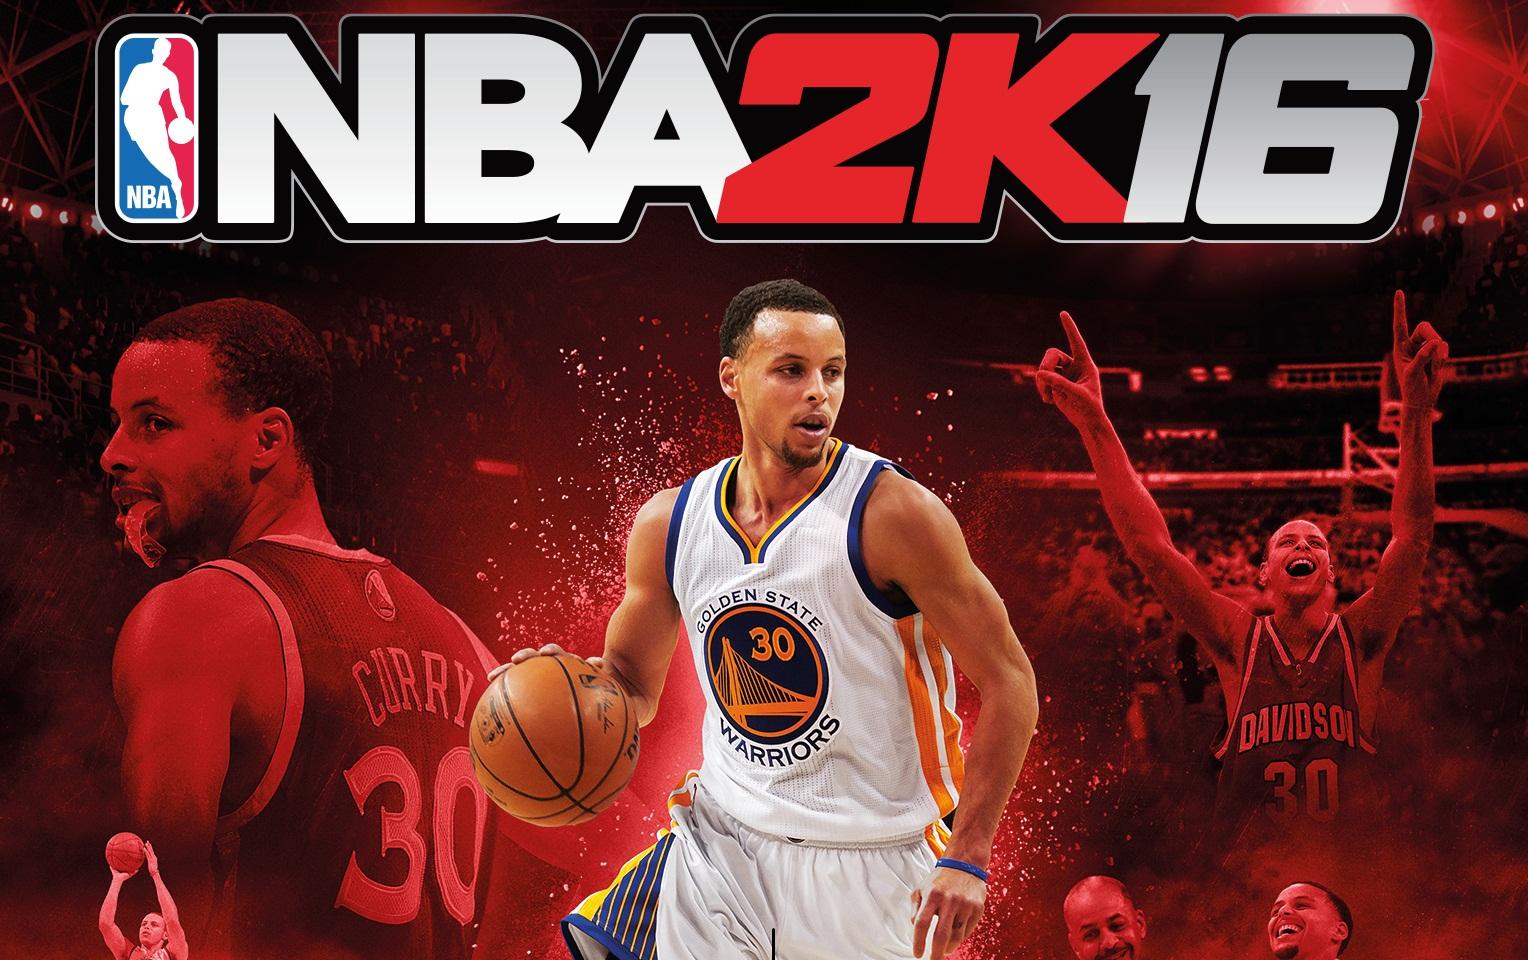 Nba 2k16 Free Download Gametrex